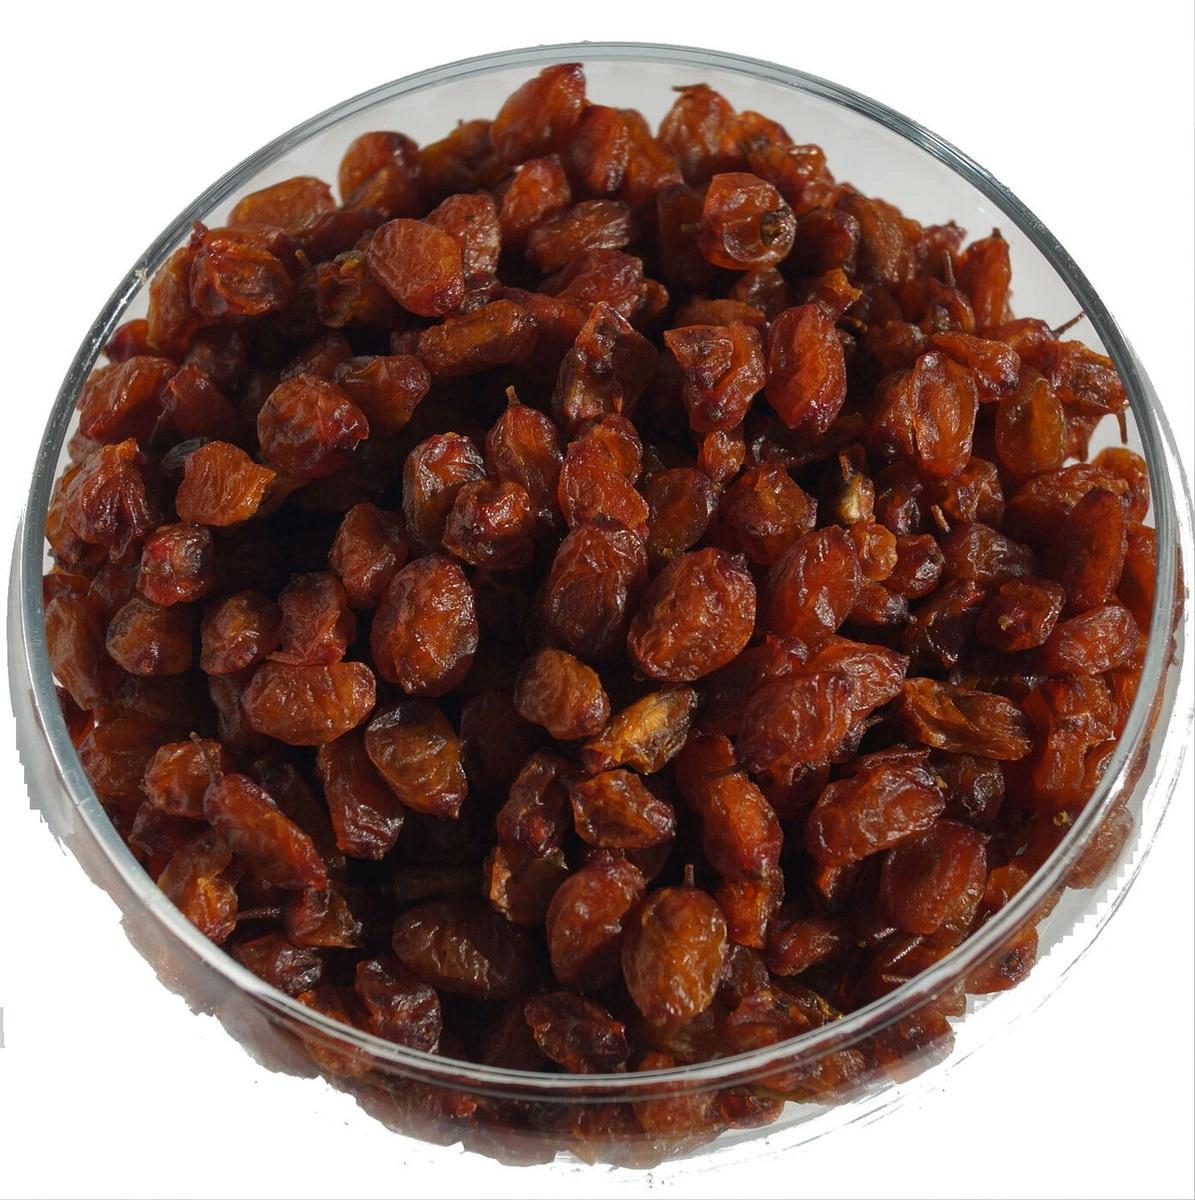 ОБЛЕПИХА 1 кг вяленая сушеная ягода